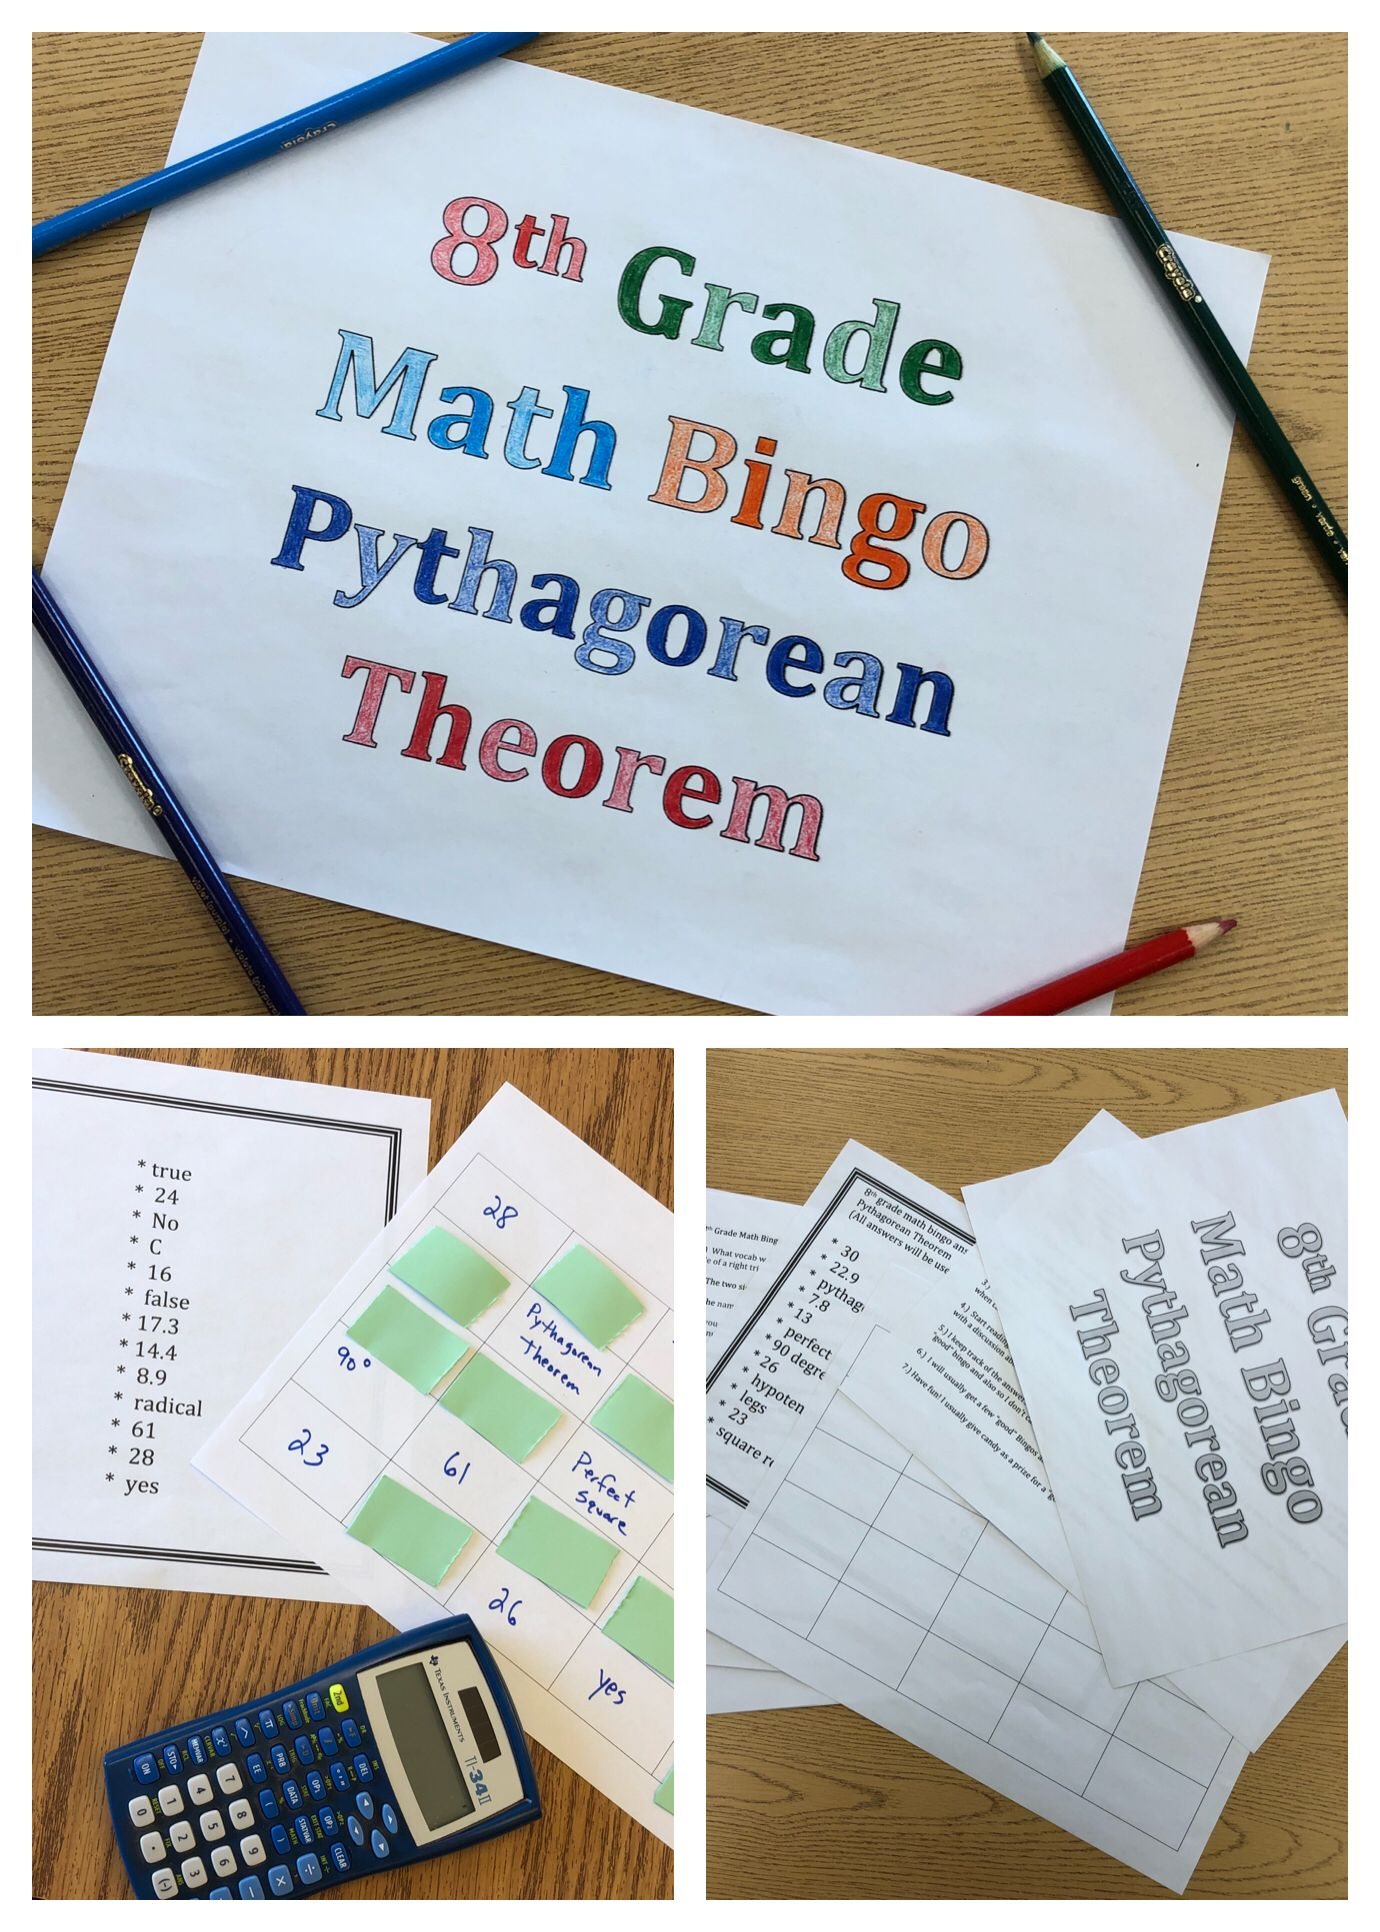 8th Grade Math Pythagorean Theorem Review Bingo